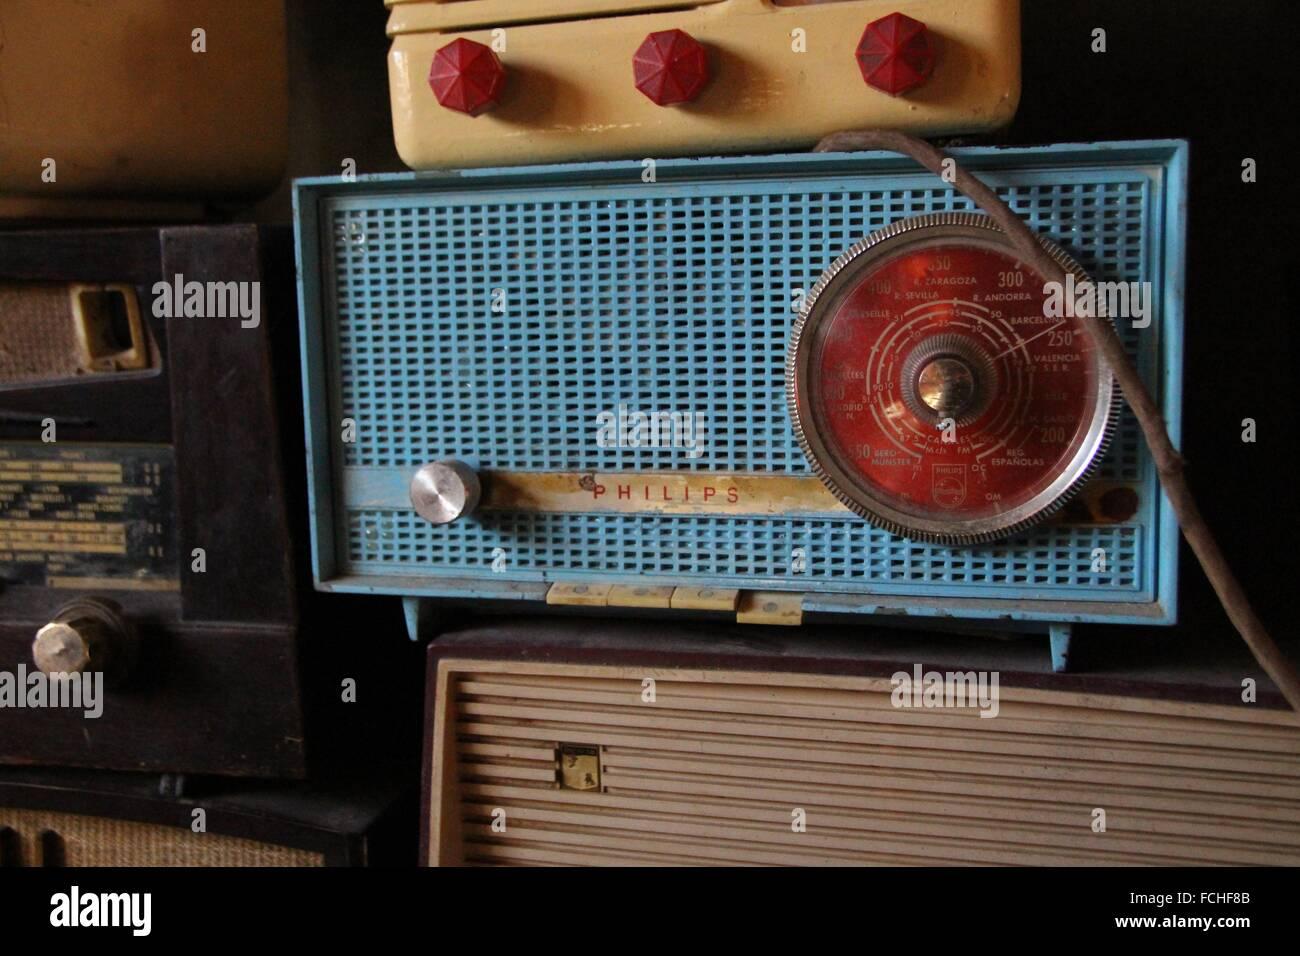 Philips Radio Stock Photos & Philips Radio Stock Images - Alamy